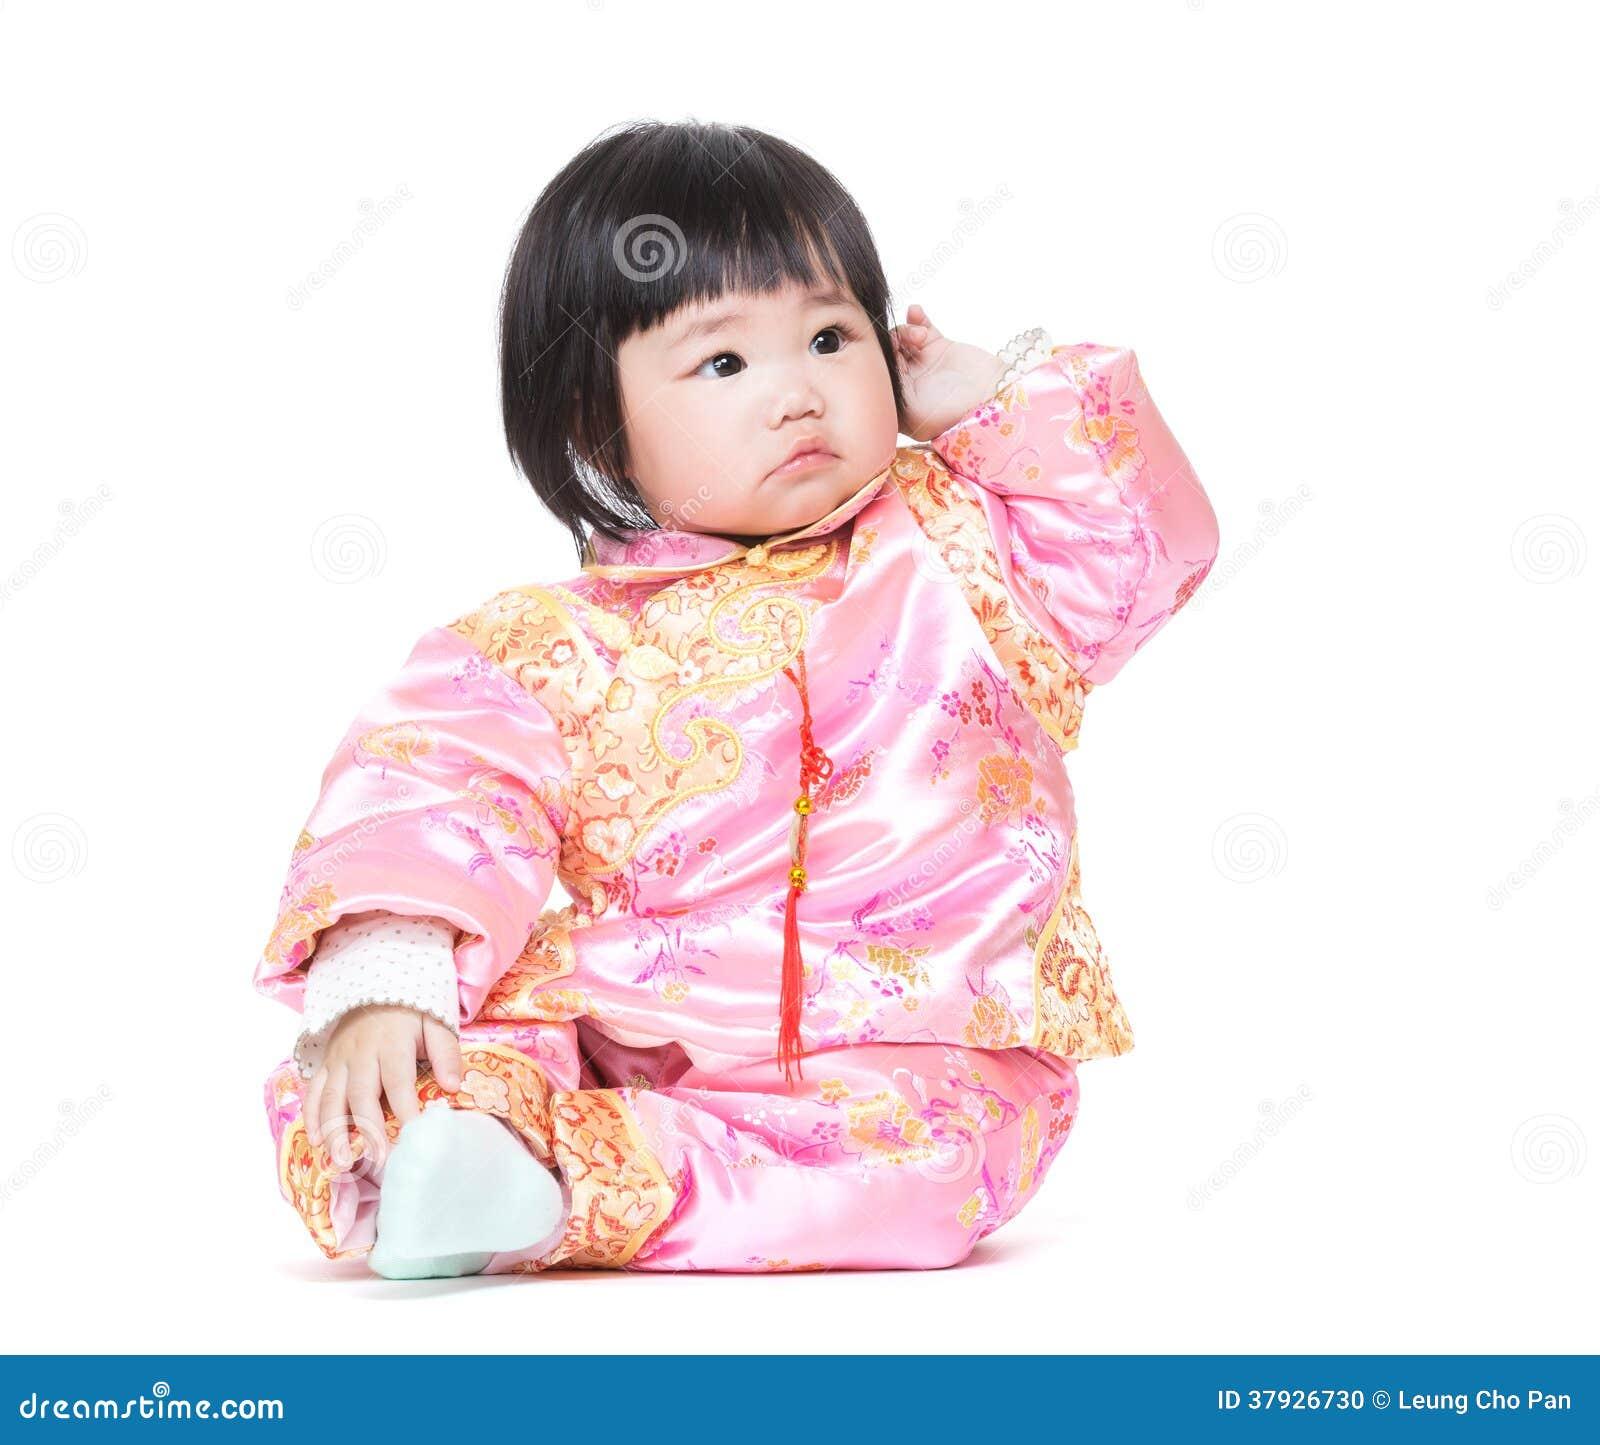 Chińskiej dziewczynki chrobotliwy włosy